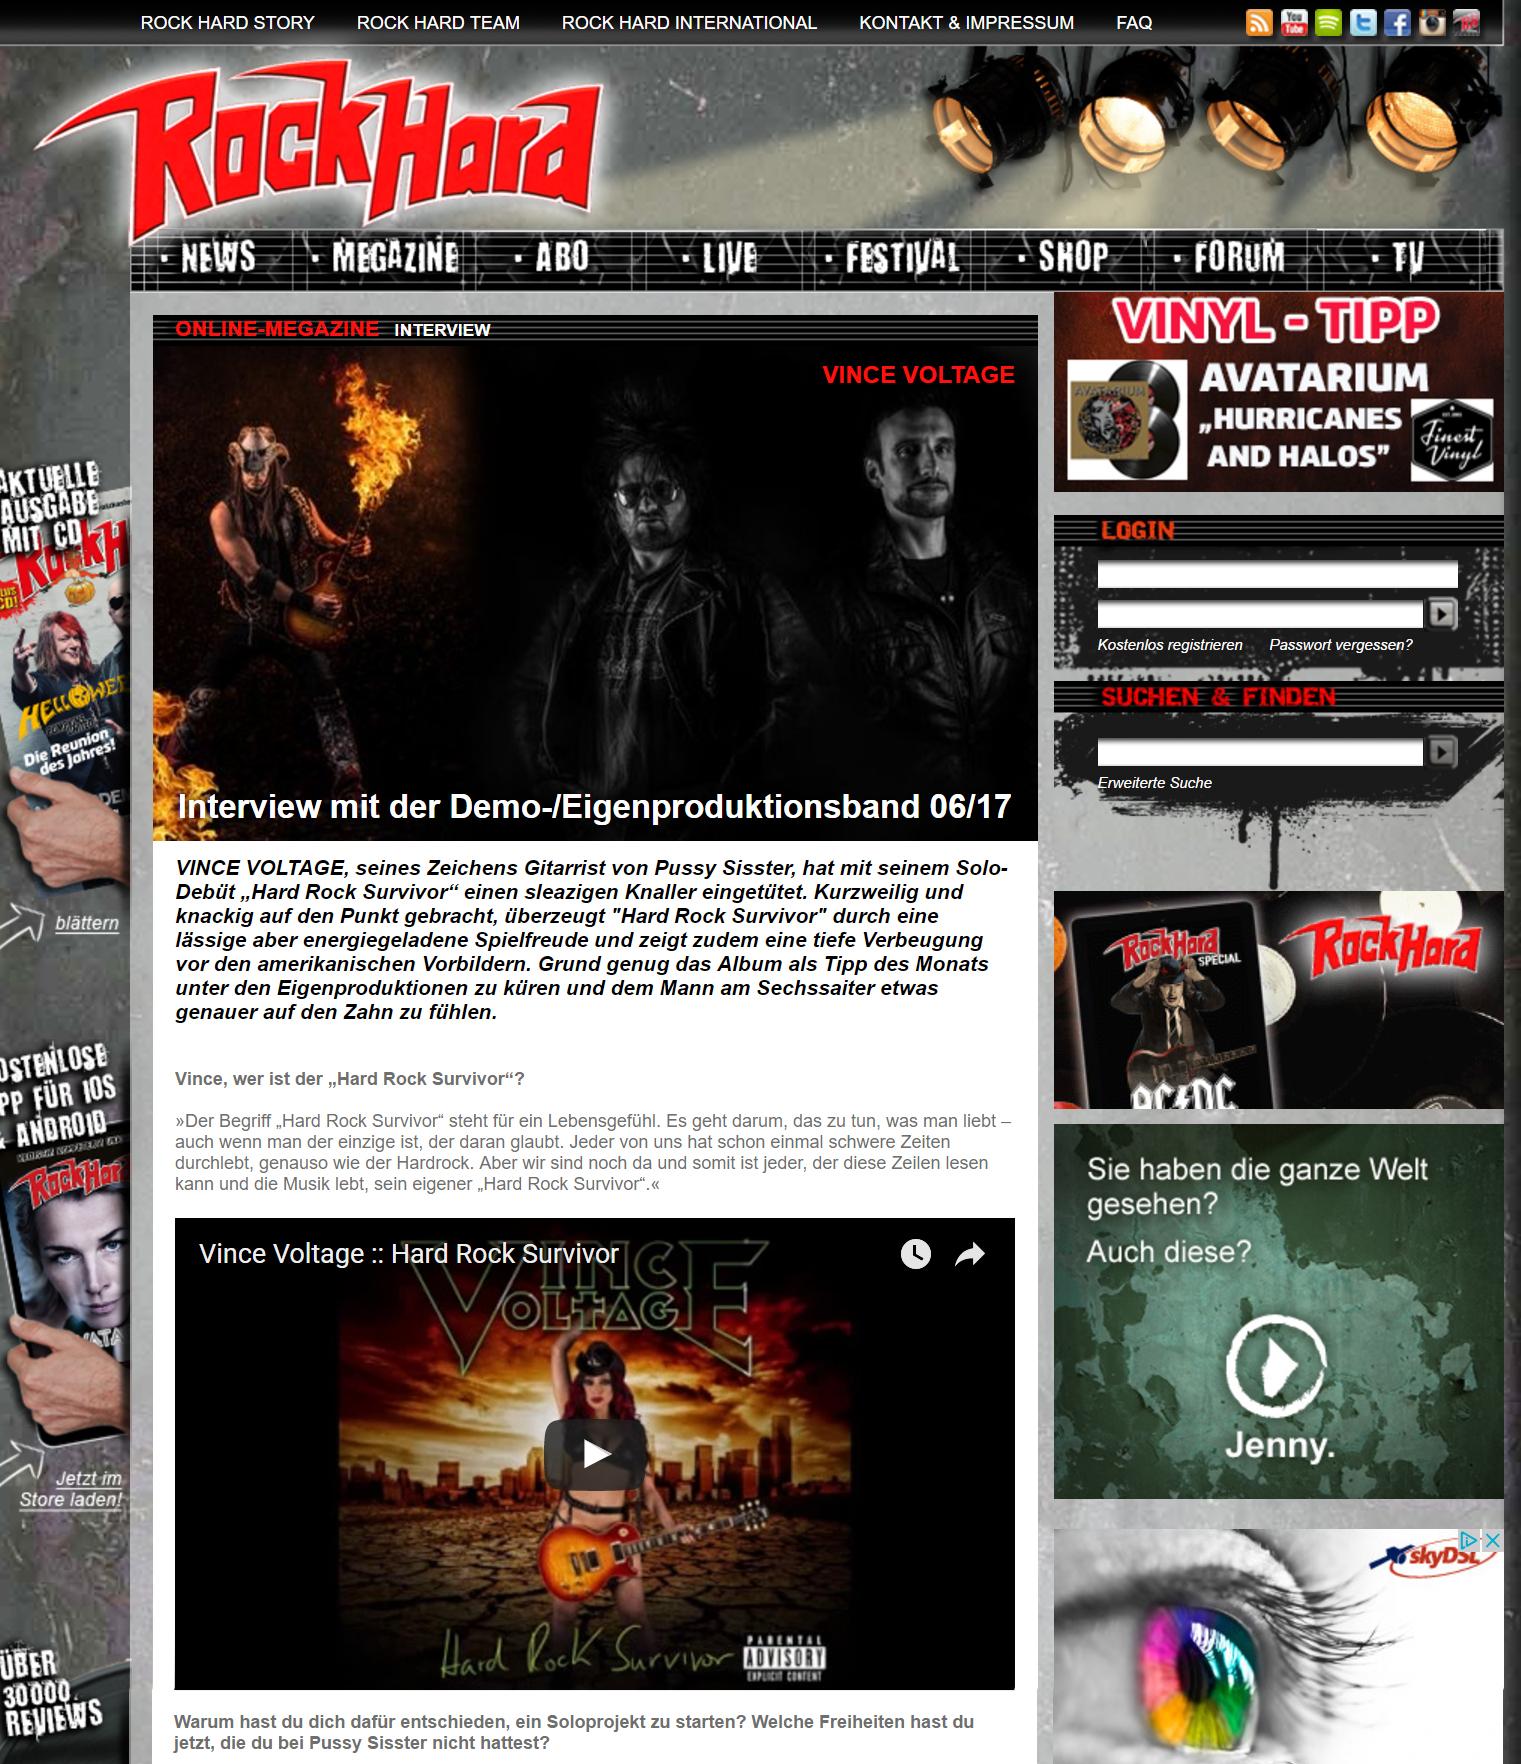 Rockhard magazine interview